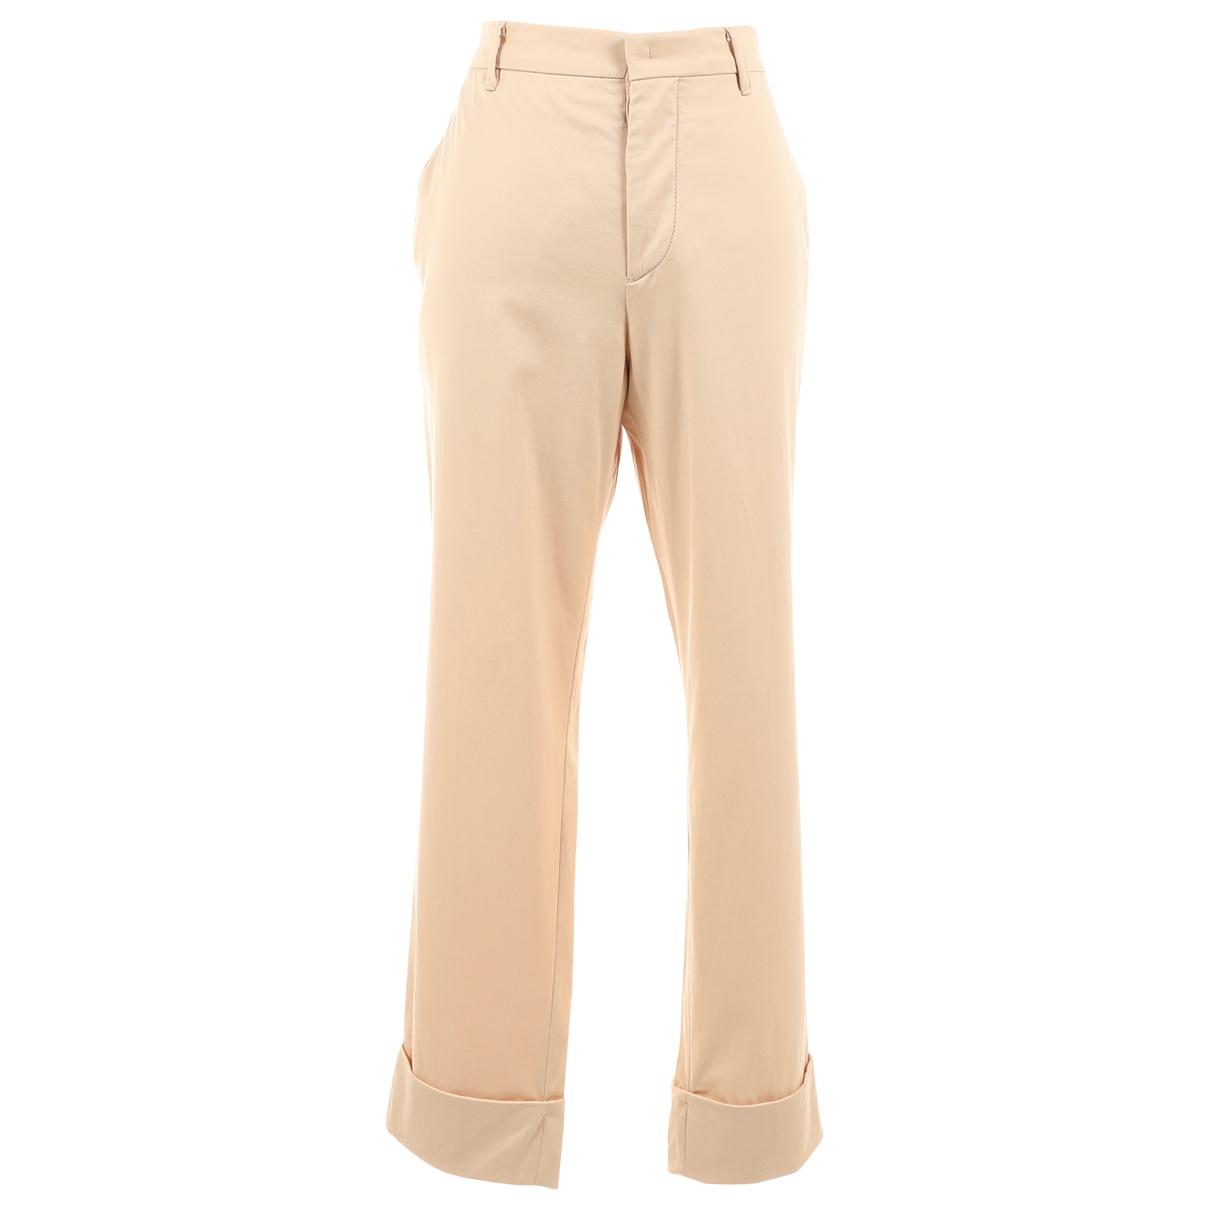 Miu Miu N Camel Cotton Trousers for Women 40 IT